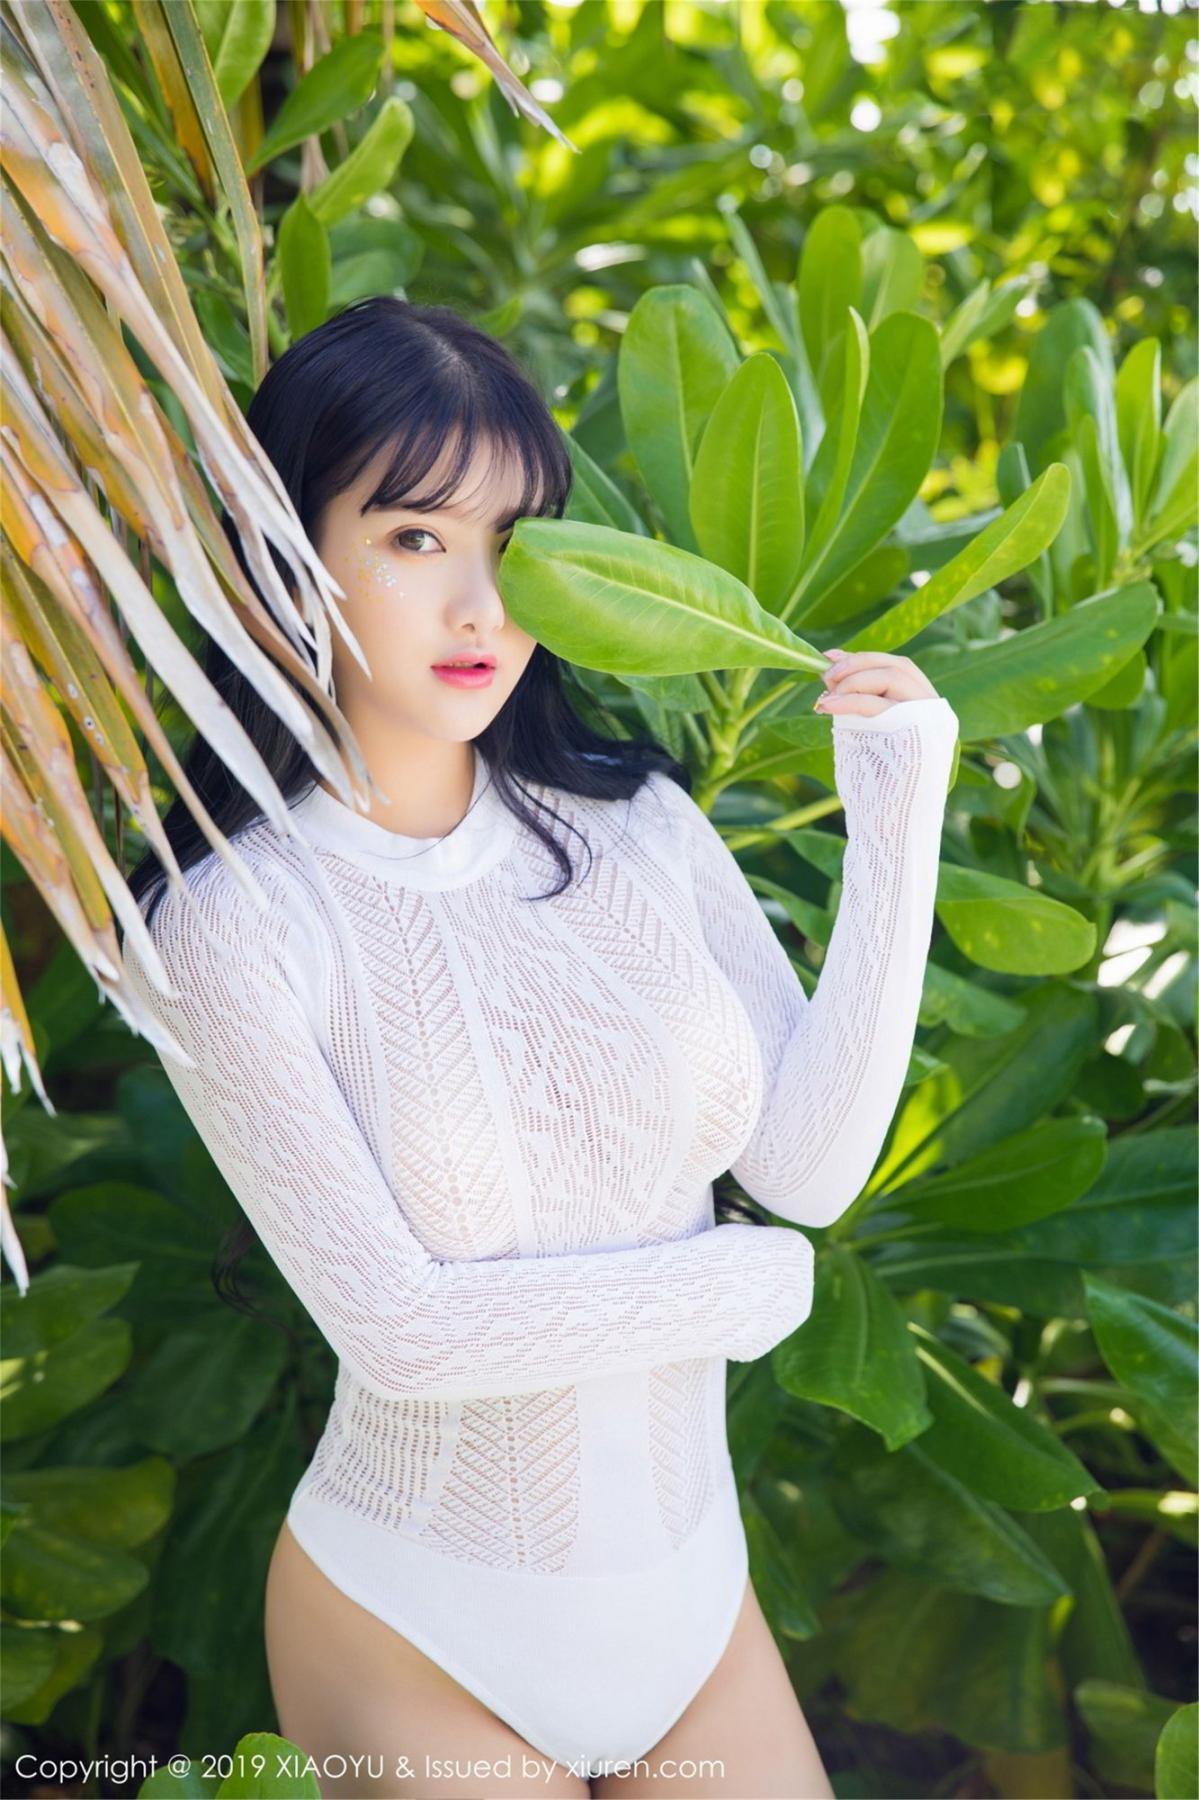 [XiaoYu] Vol.070 Lu Lu Xiao Miao 42P, Baby Face Big Boobs, Lovely, Lu Lu Xiao Miao, XiaoYu